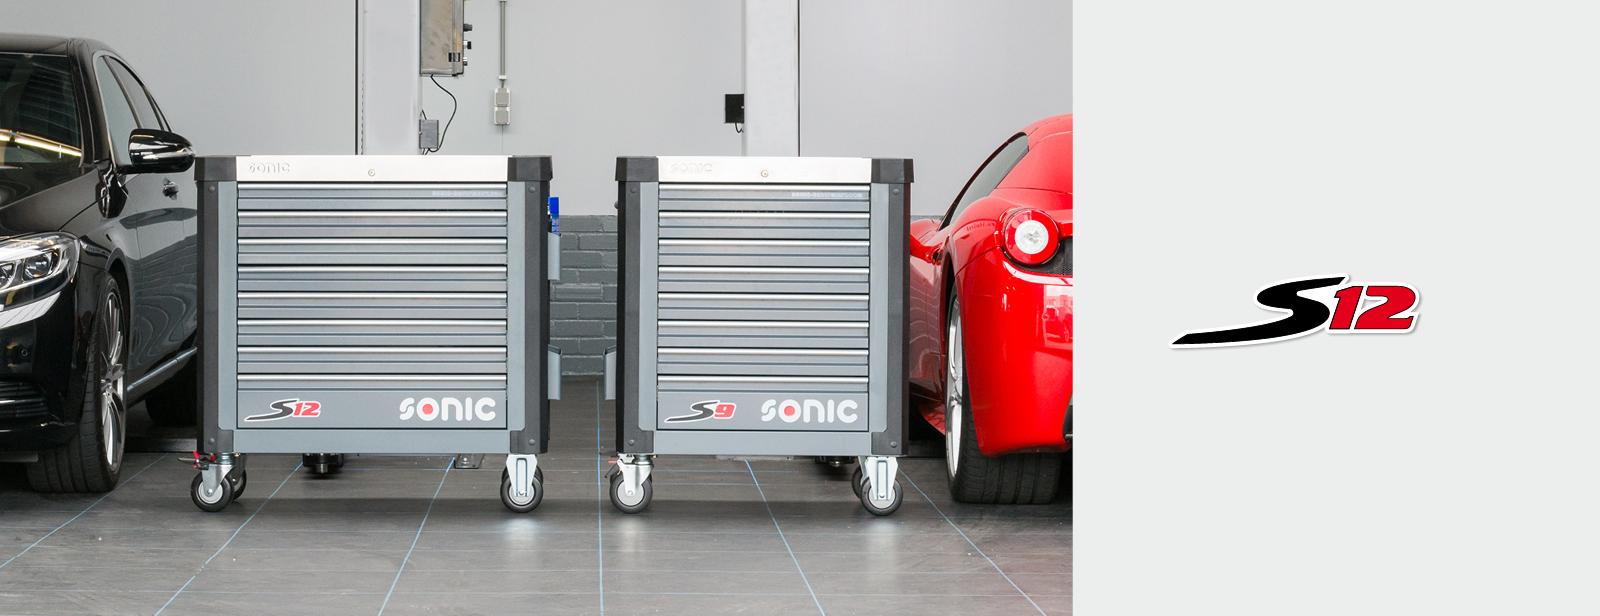 Sonic Werkstattwagen S12